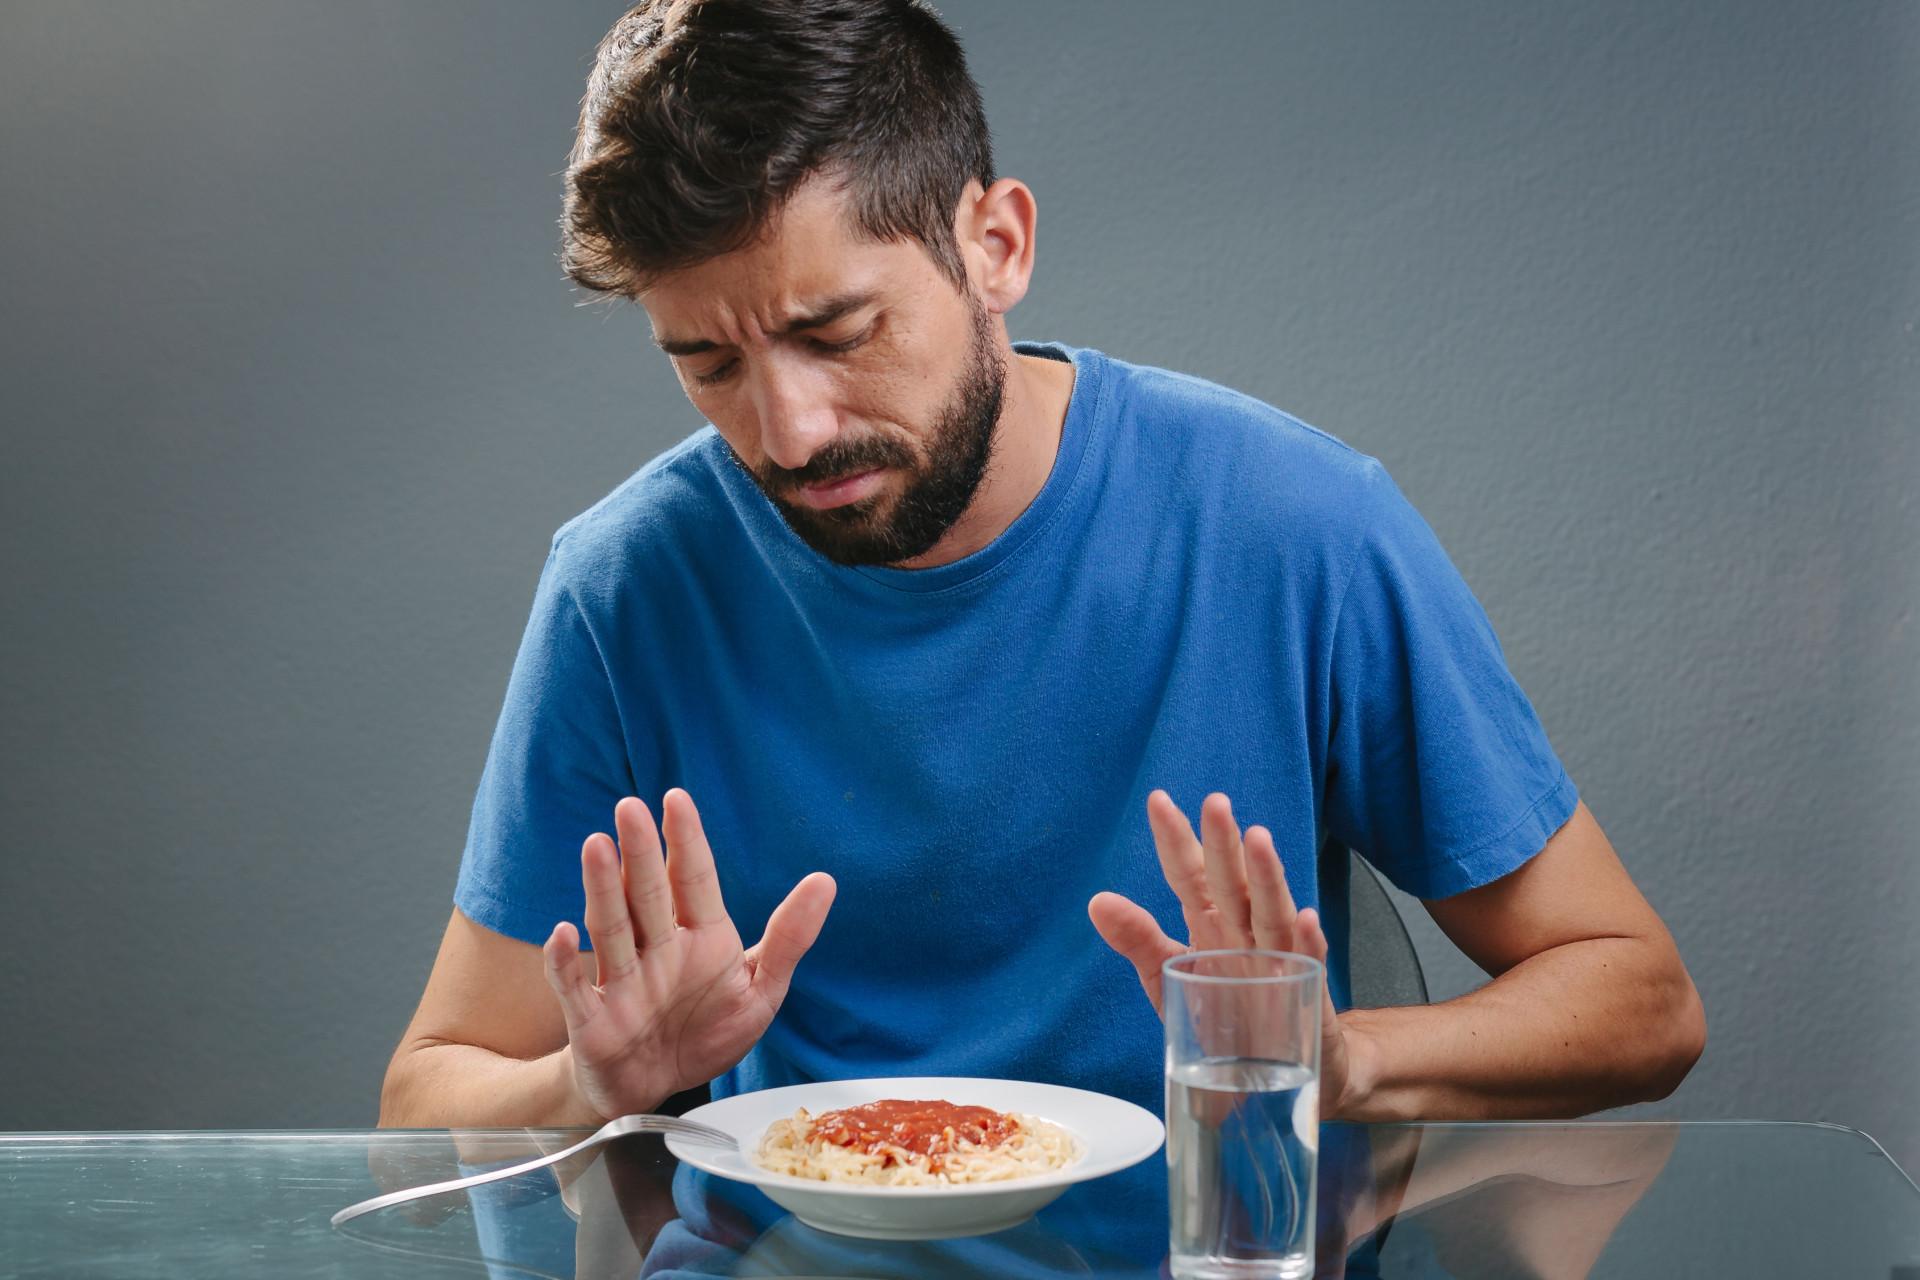 Saiba o que é a doença de Crohn e evite um futuro diagnóstico